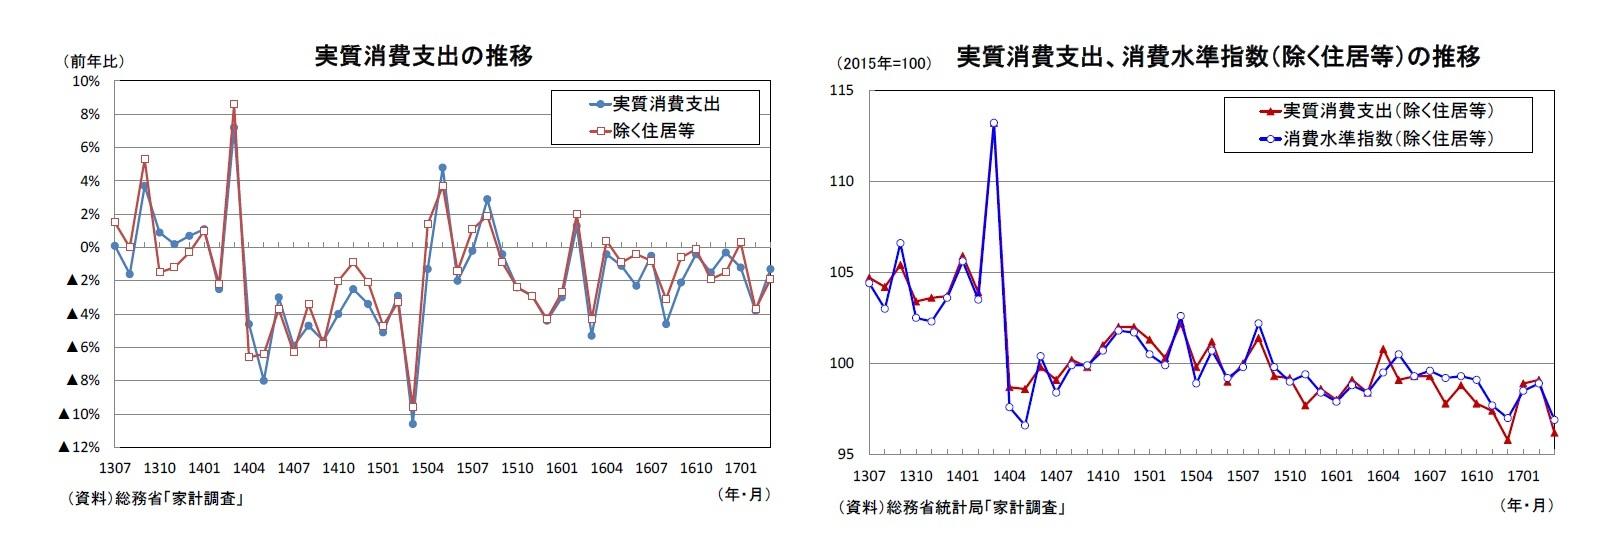 実質消費支出の推移/実質消費支出、消費水準指数(除く住居等)の推移